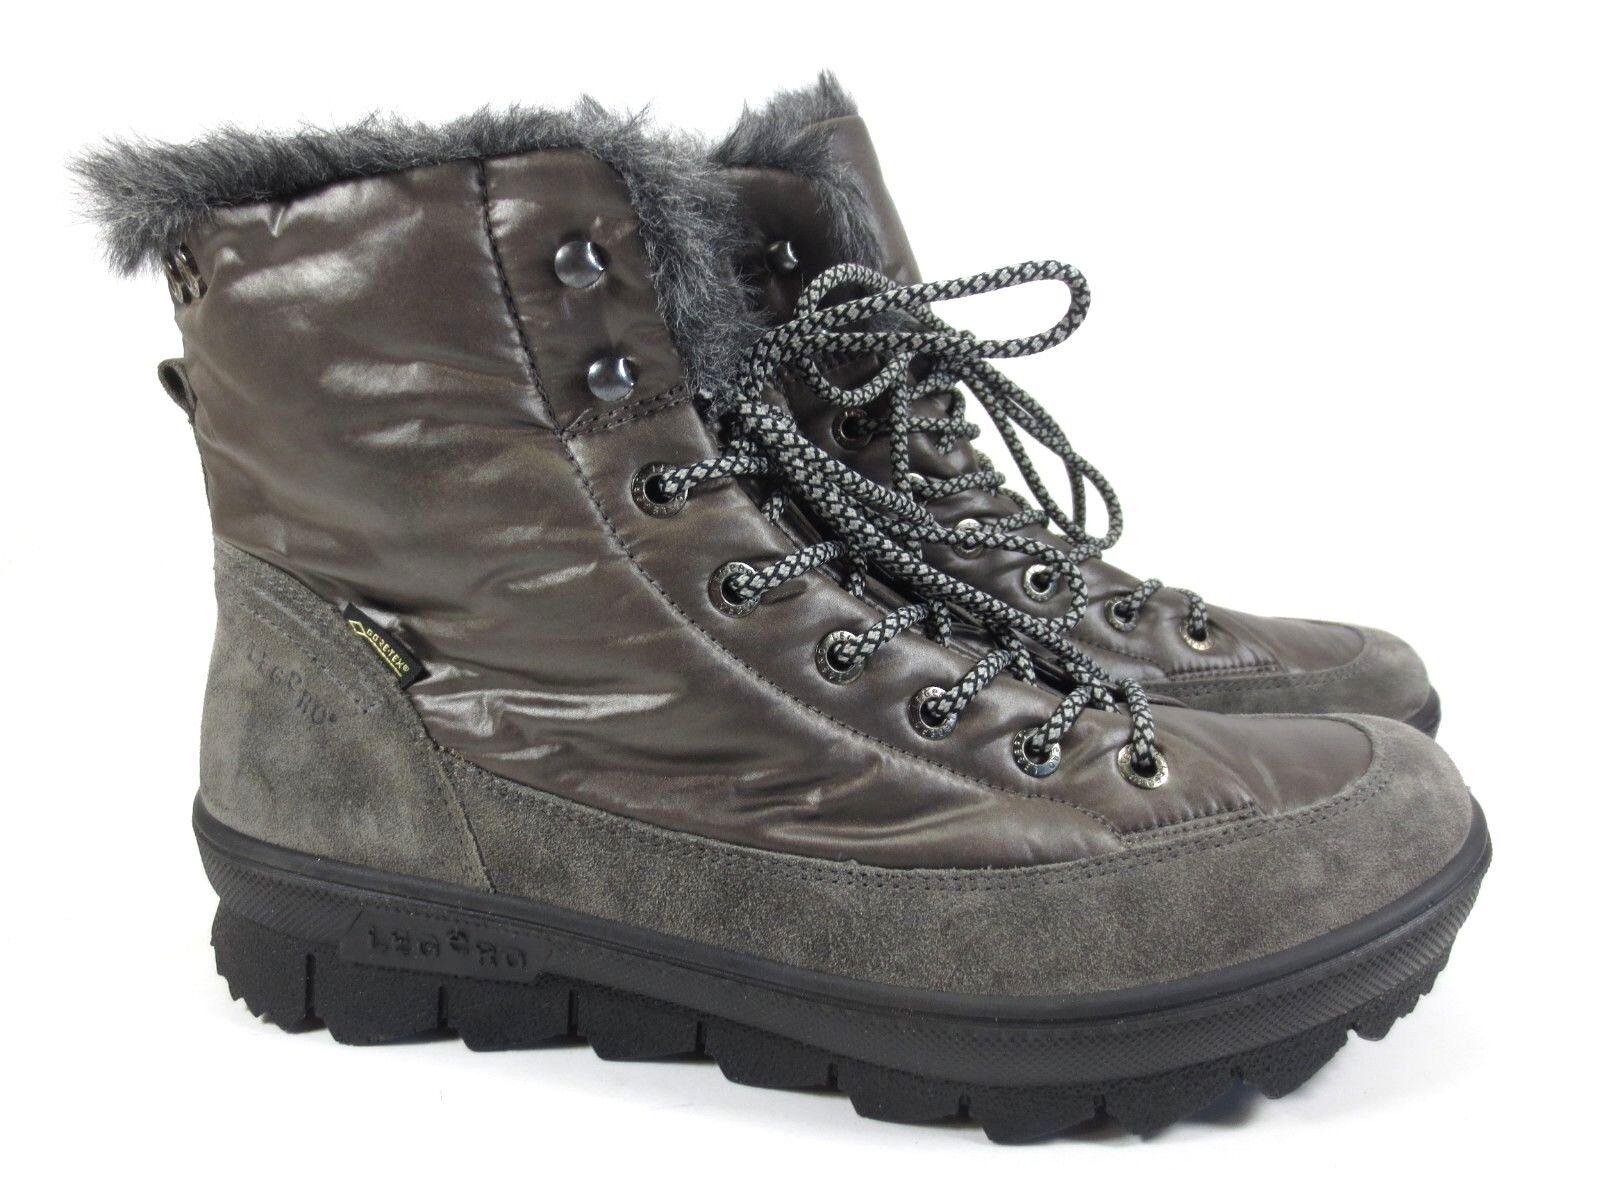 Legero botas de invierno Zapatos de piel caliente gore tex talla 42 UK 8 gris NUEVO